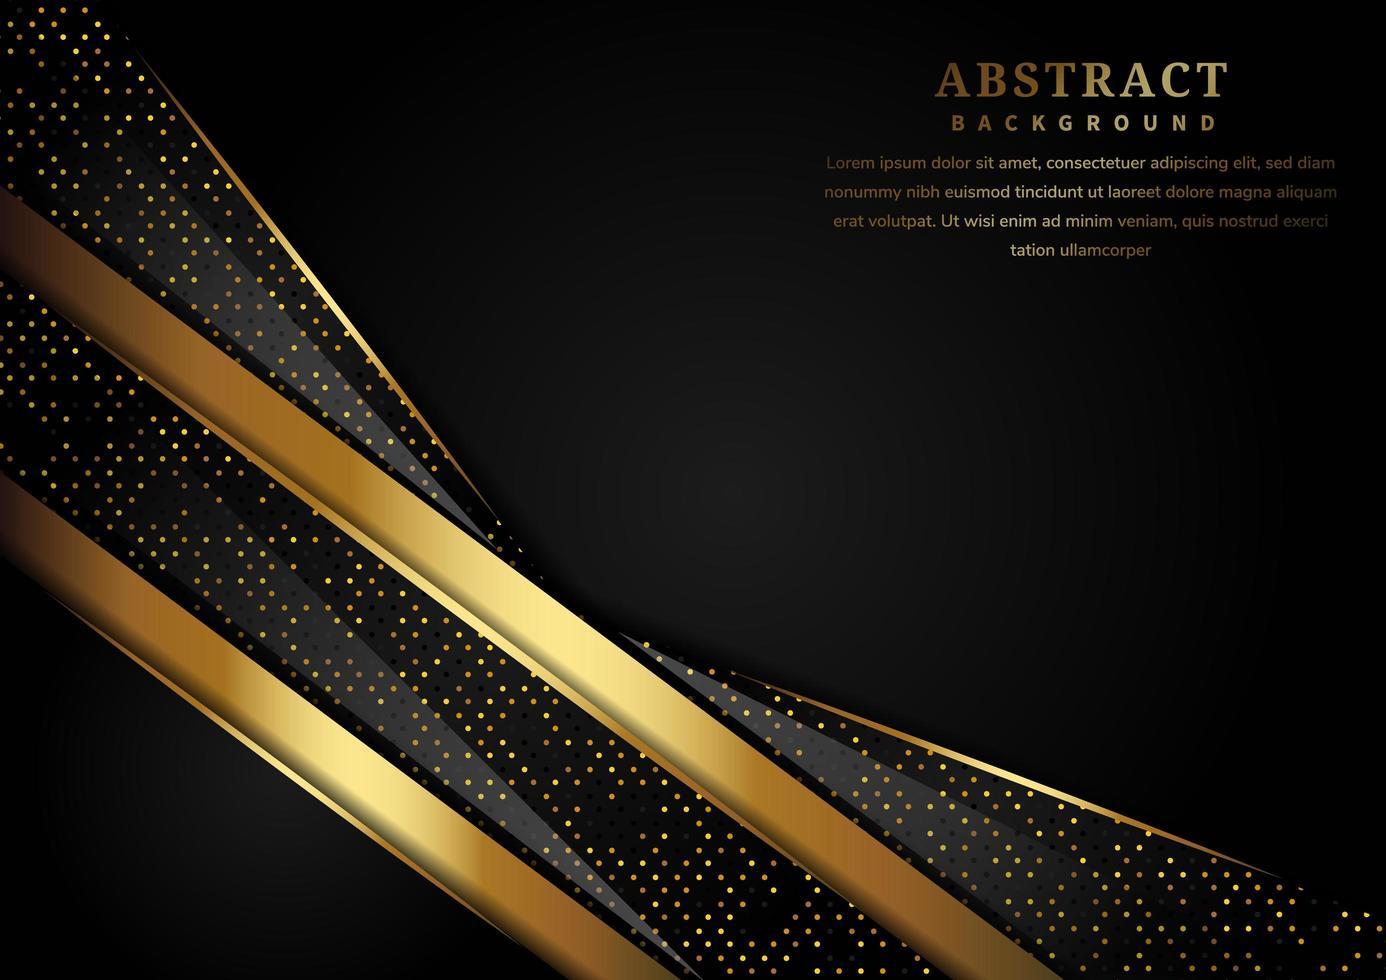 lusso astratto sovrapposizione oro e nero scintillante strati di sfondo vettore